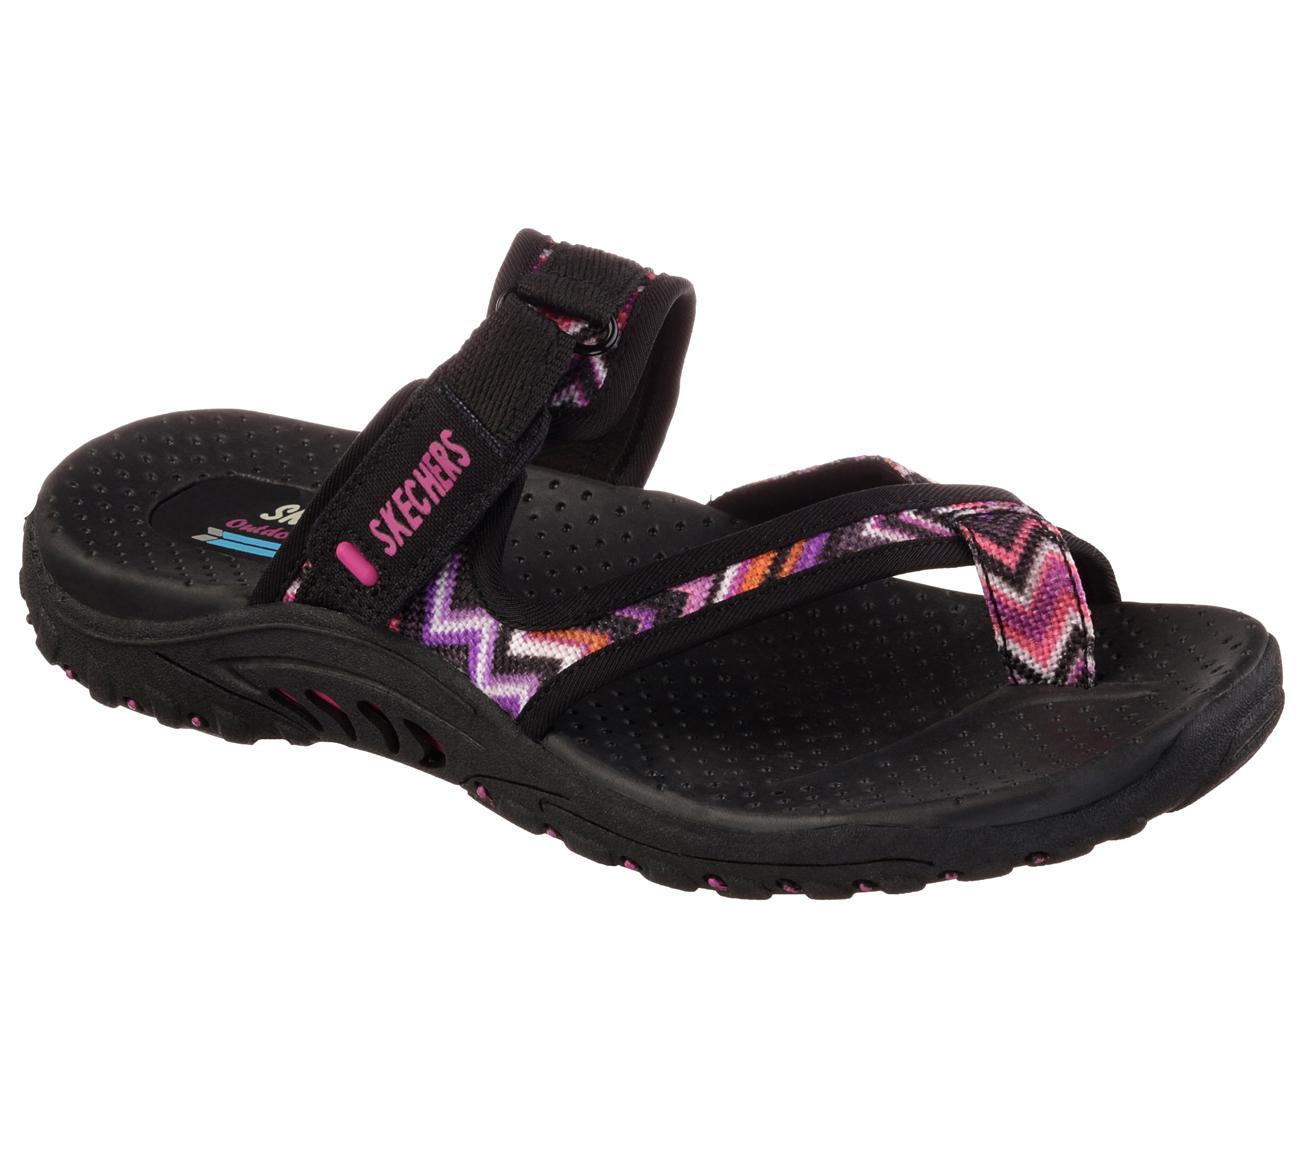 Simple SKECHERS Women39s Rumblers Wild Child Wedge Sandals